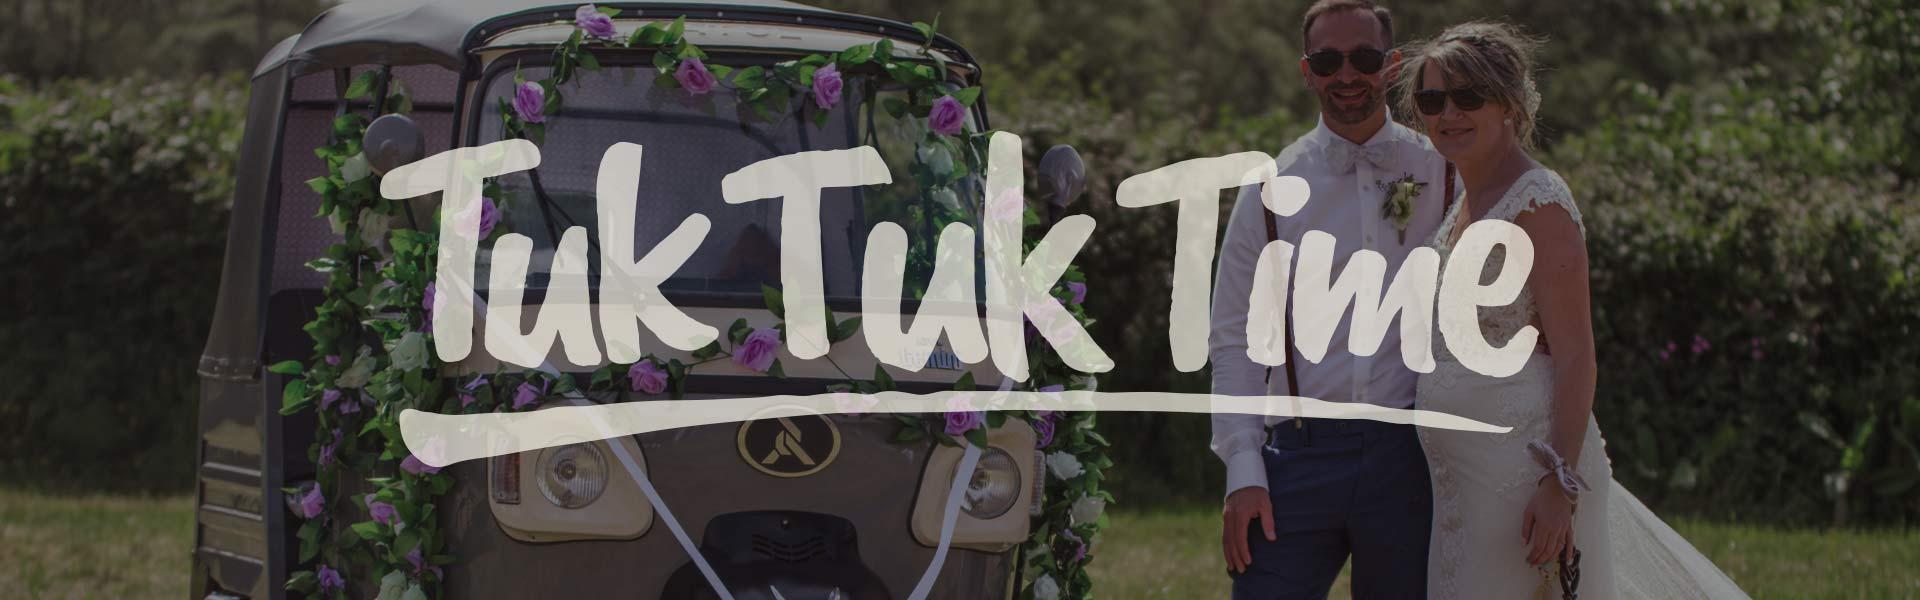 Tuk-Tuk-Time-Hire-Pembrokeshire